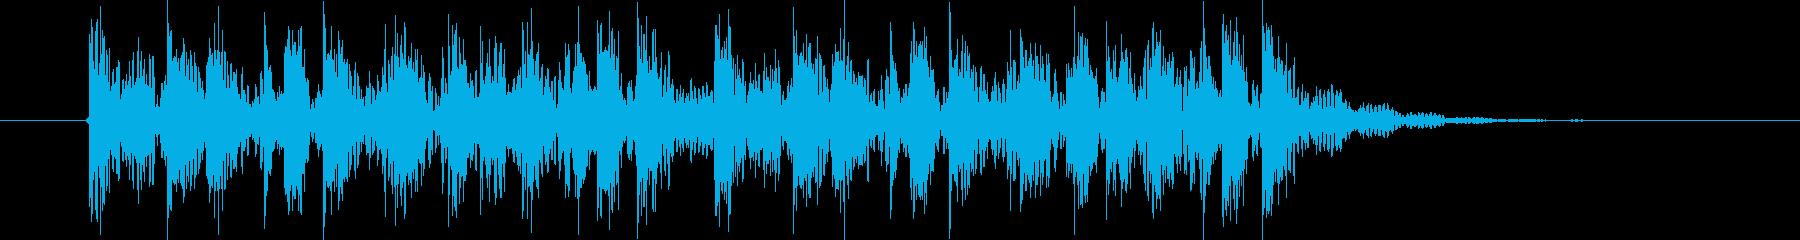 楽しげなリズミカル音(番組、ジングル)の再生済みの波形